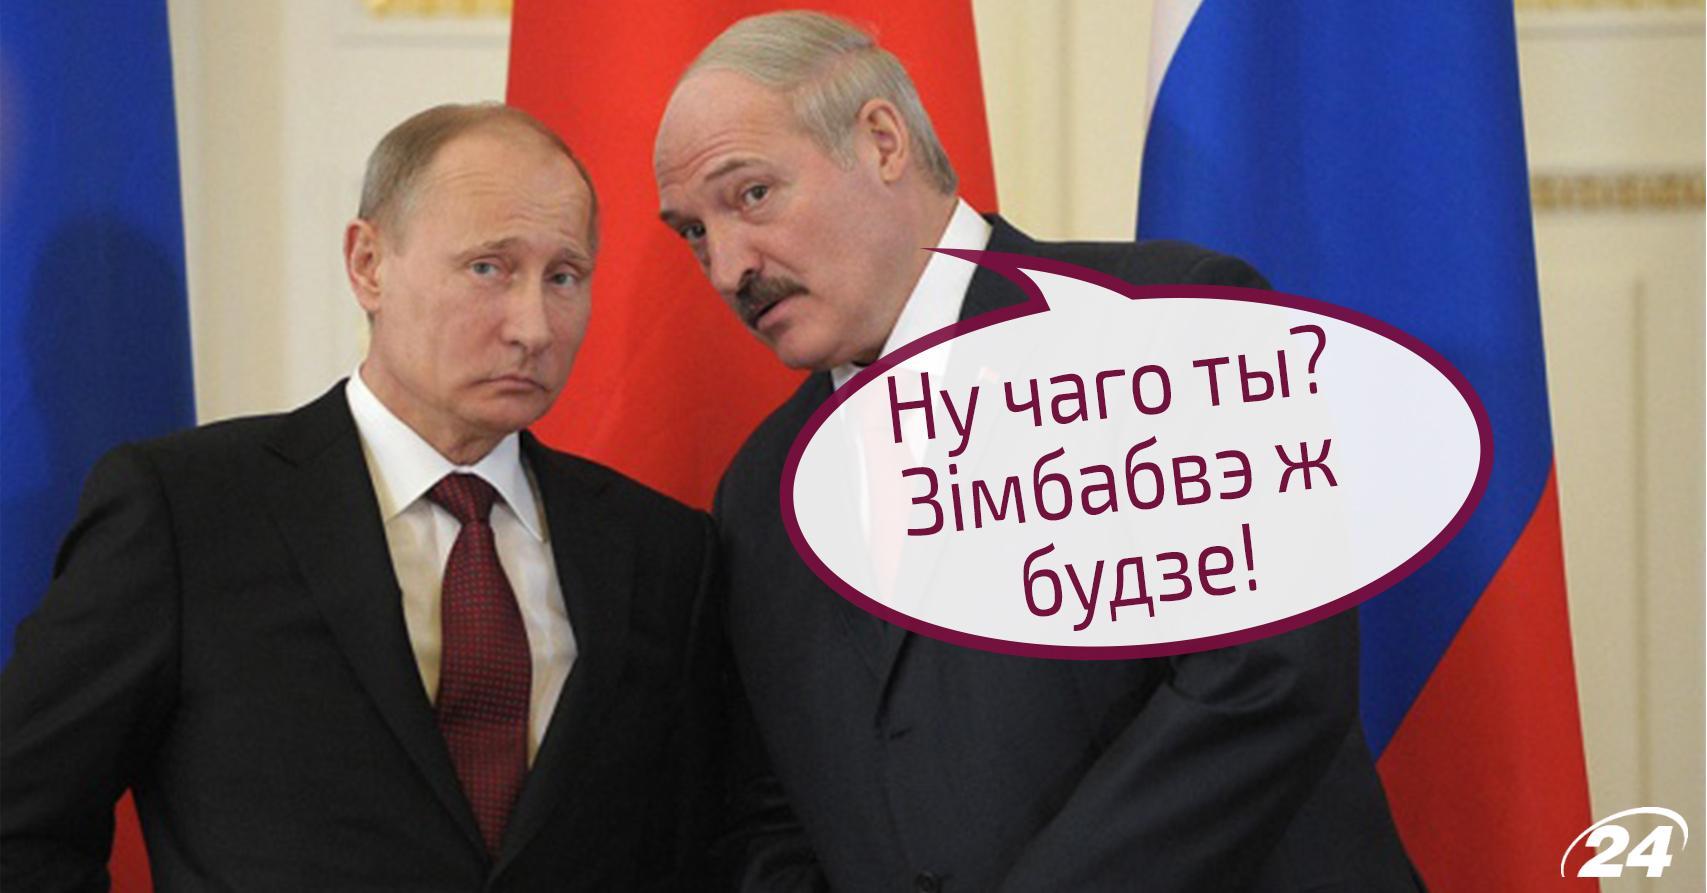 """Лукашенко отказался ехать к Путину на 9 мая: """"В Минске будет такой же парад, как в Москве"""" - Цензор.НЕТ 8086"""